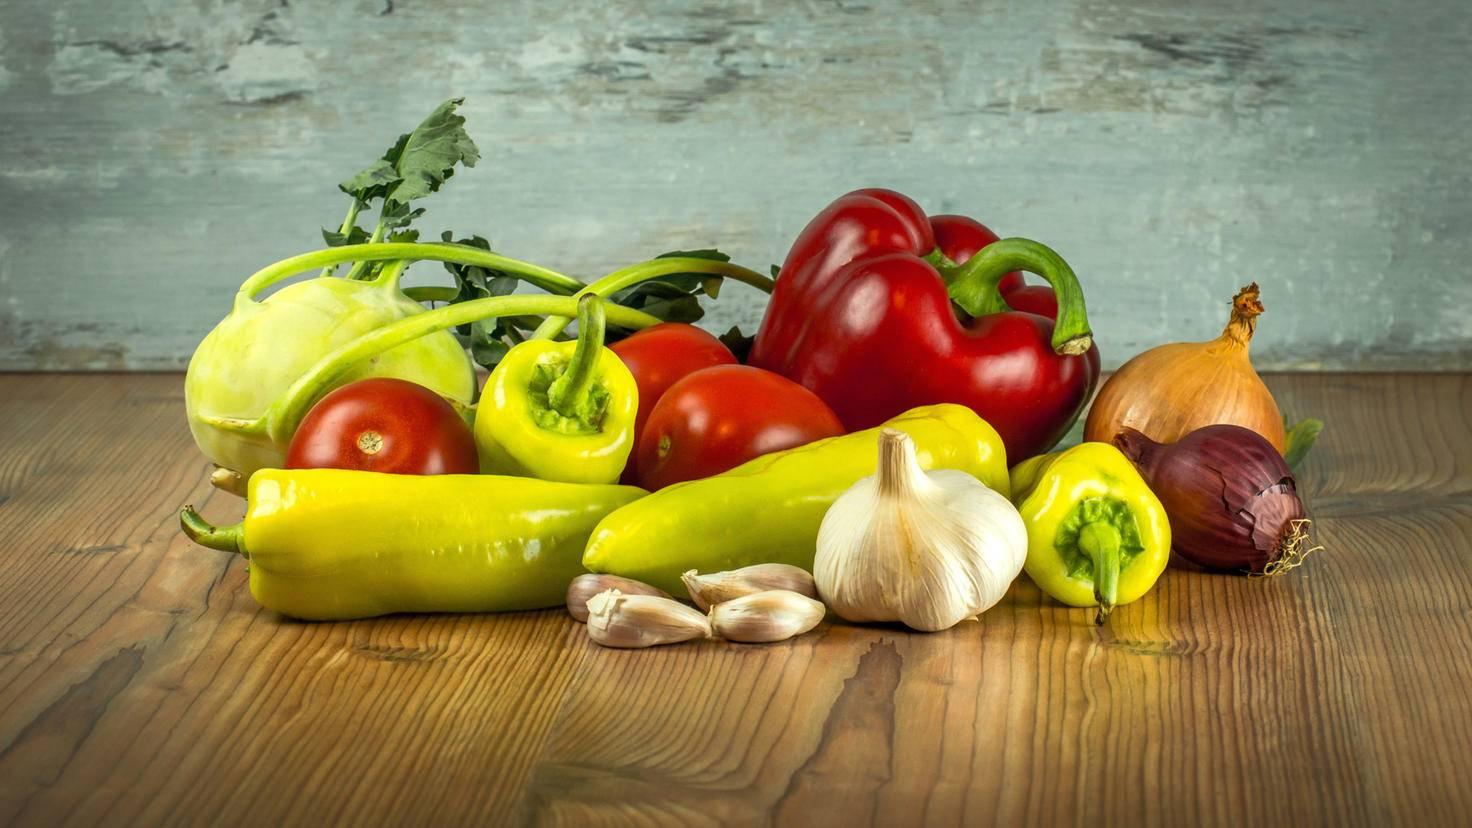 Der Schlüssel zum gesunden Kochen: viel Gemüse!